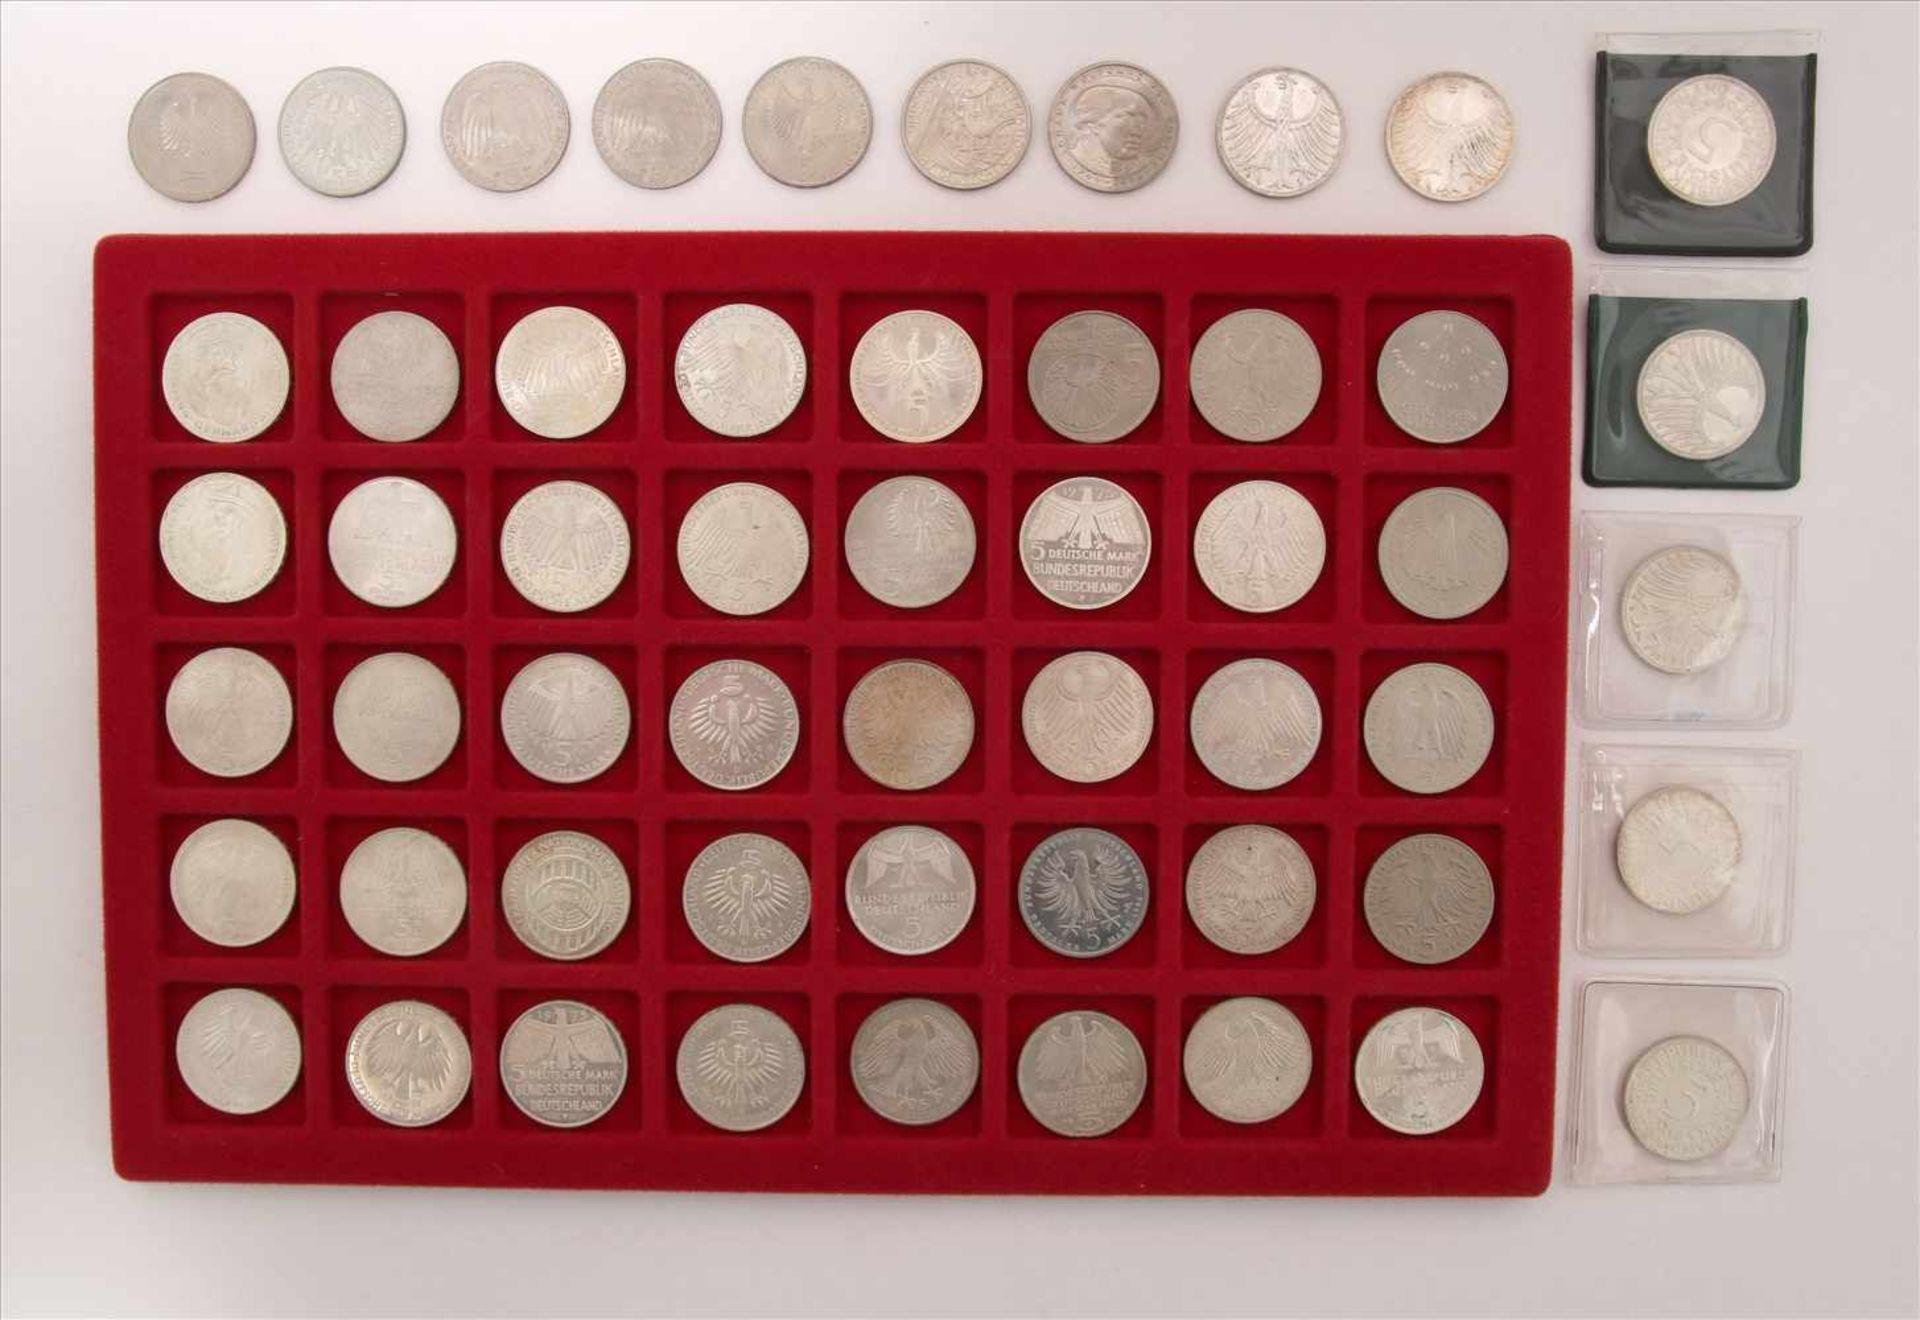 Los 42 - Konvolut Münzen54 diverse 5-DM Münzen. Zustand wie abgebildet.